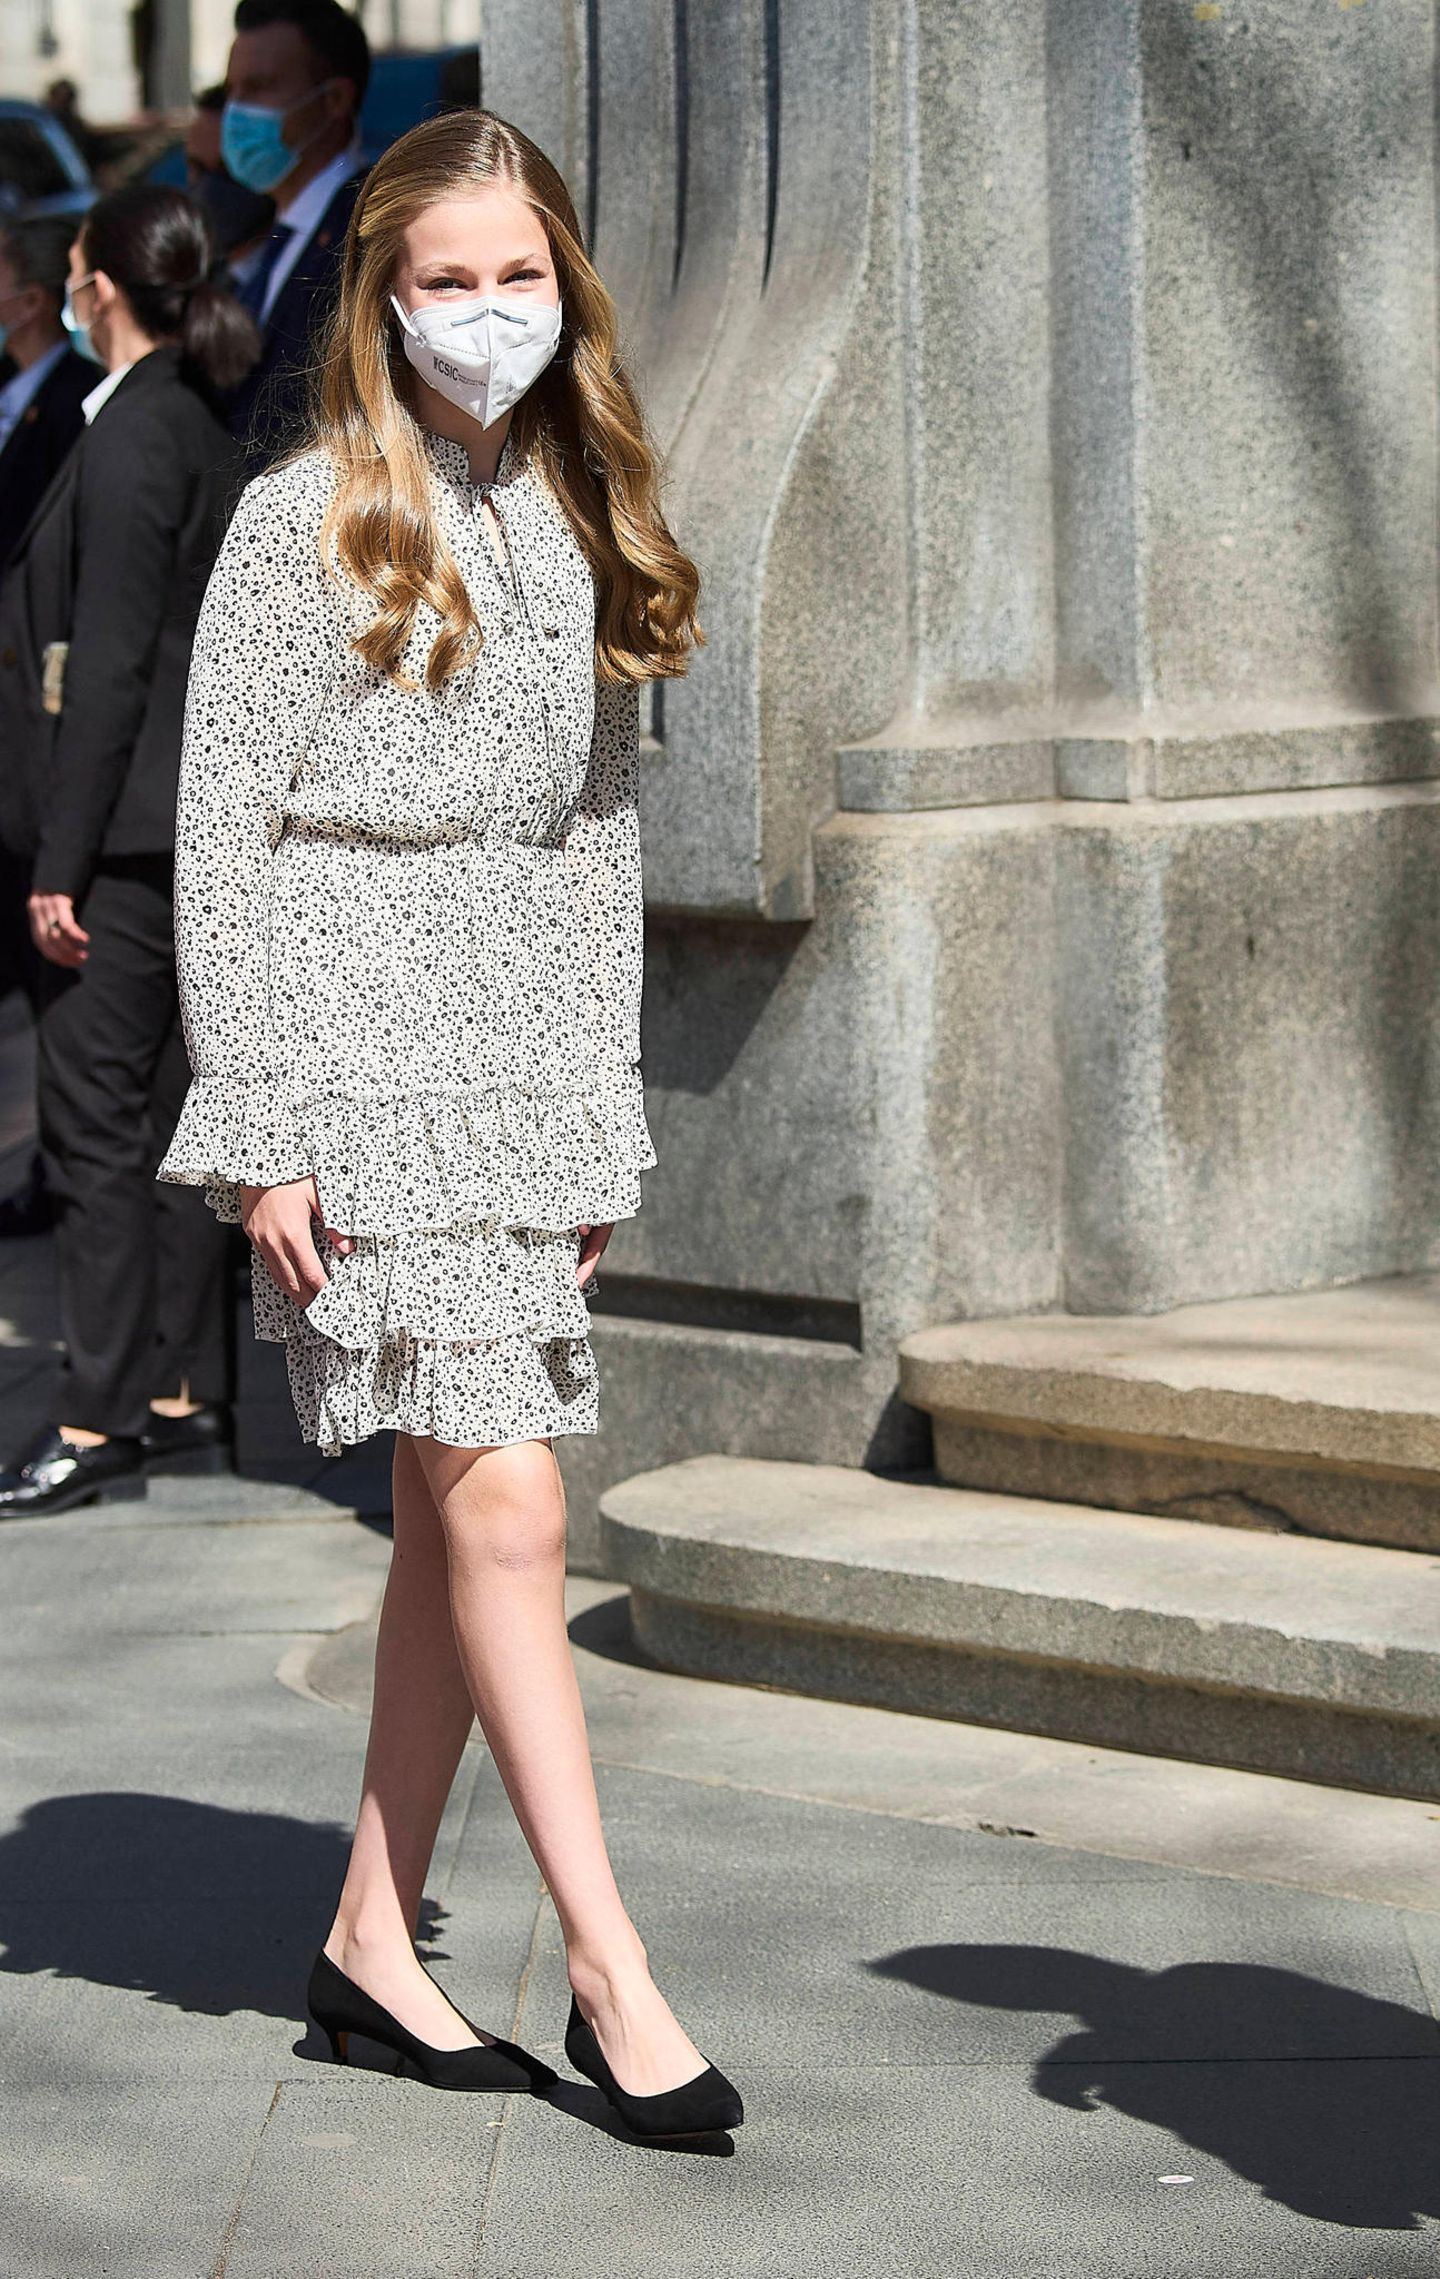 Ihrenersten Solo-Auftritt im Instituto Cervantes in Madrid meistert Prinzessin Leonor von Spanien nicht nur total souverän, sie beweist auch ein Händchen für Mode. Sie wählt ein süßes Kleid mit Volants von Poète und Ballerinas mit Kitten Heels von Prettyballerinas. Eins ist sicher: Ihren Style hat sie ganz sicher von Mama Letizia abgeschaut. Wir sind schon jetzt gespannt, was wir in Zukunft von der jungen Fashionista sehen werden.